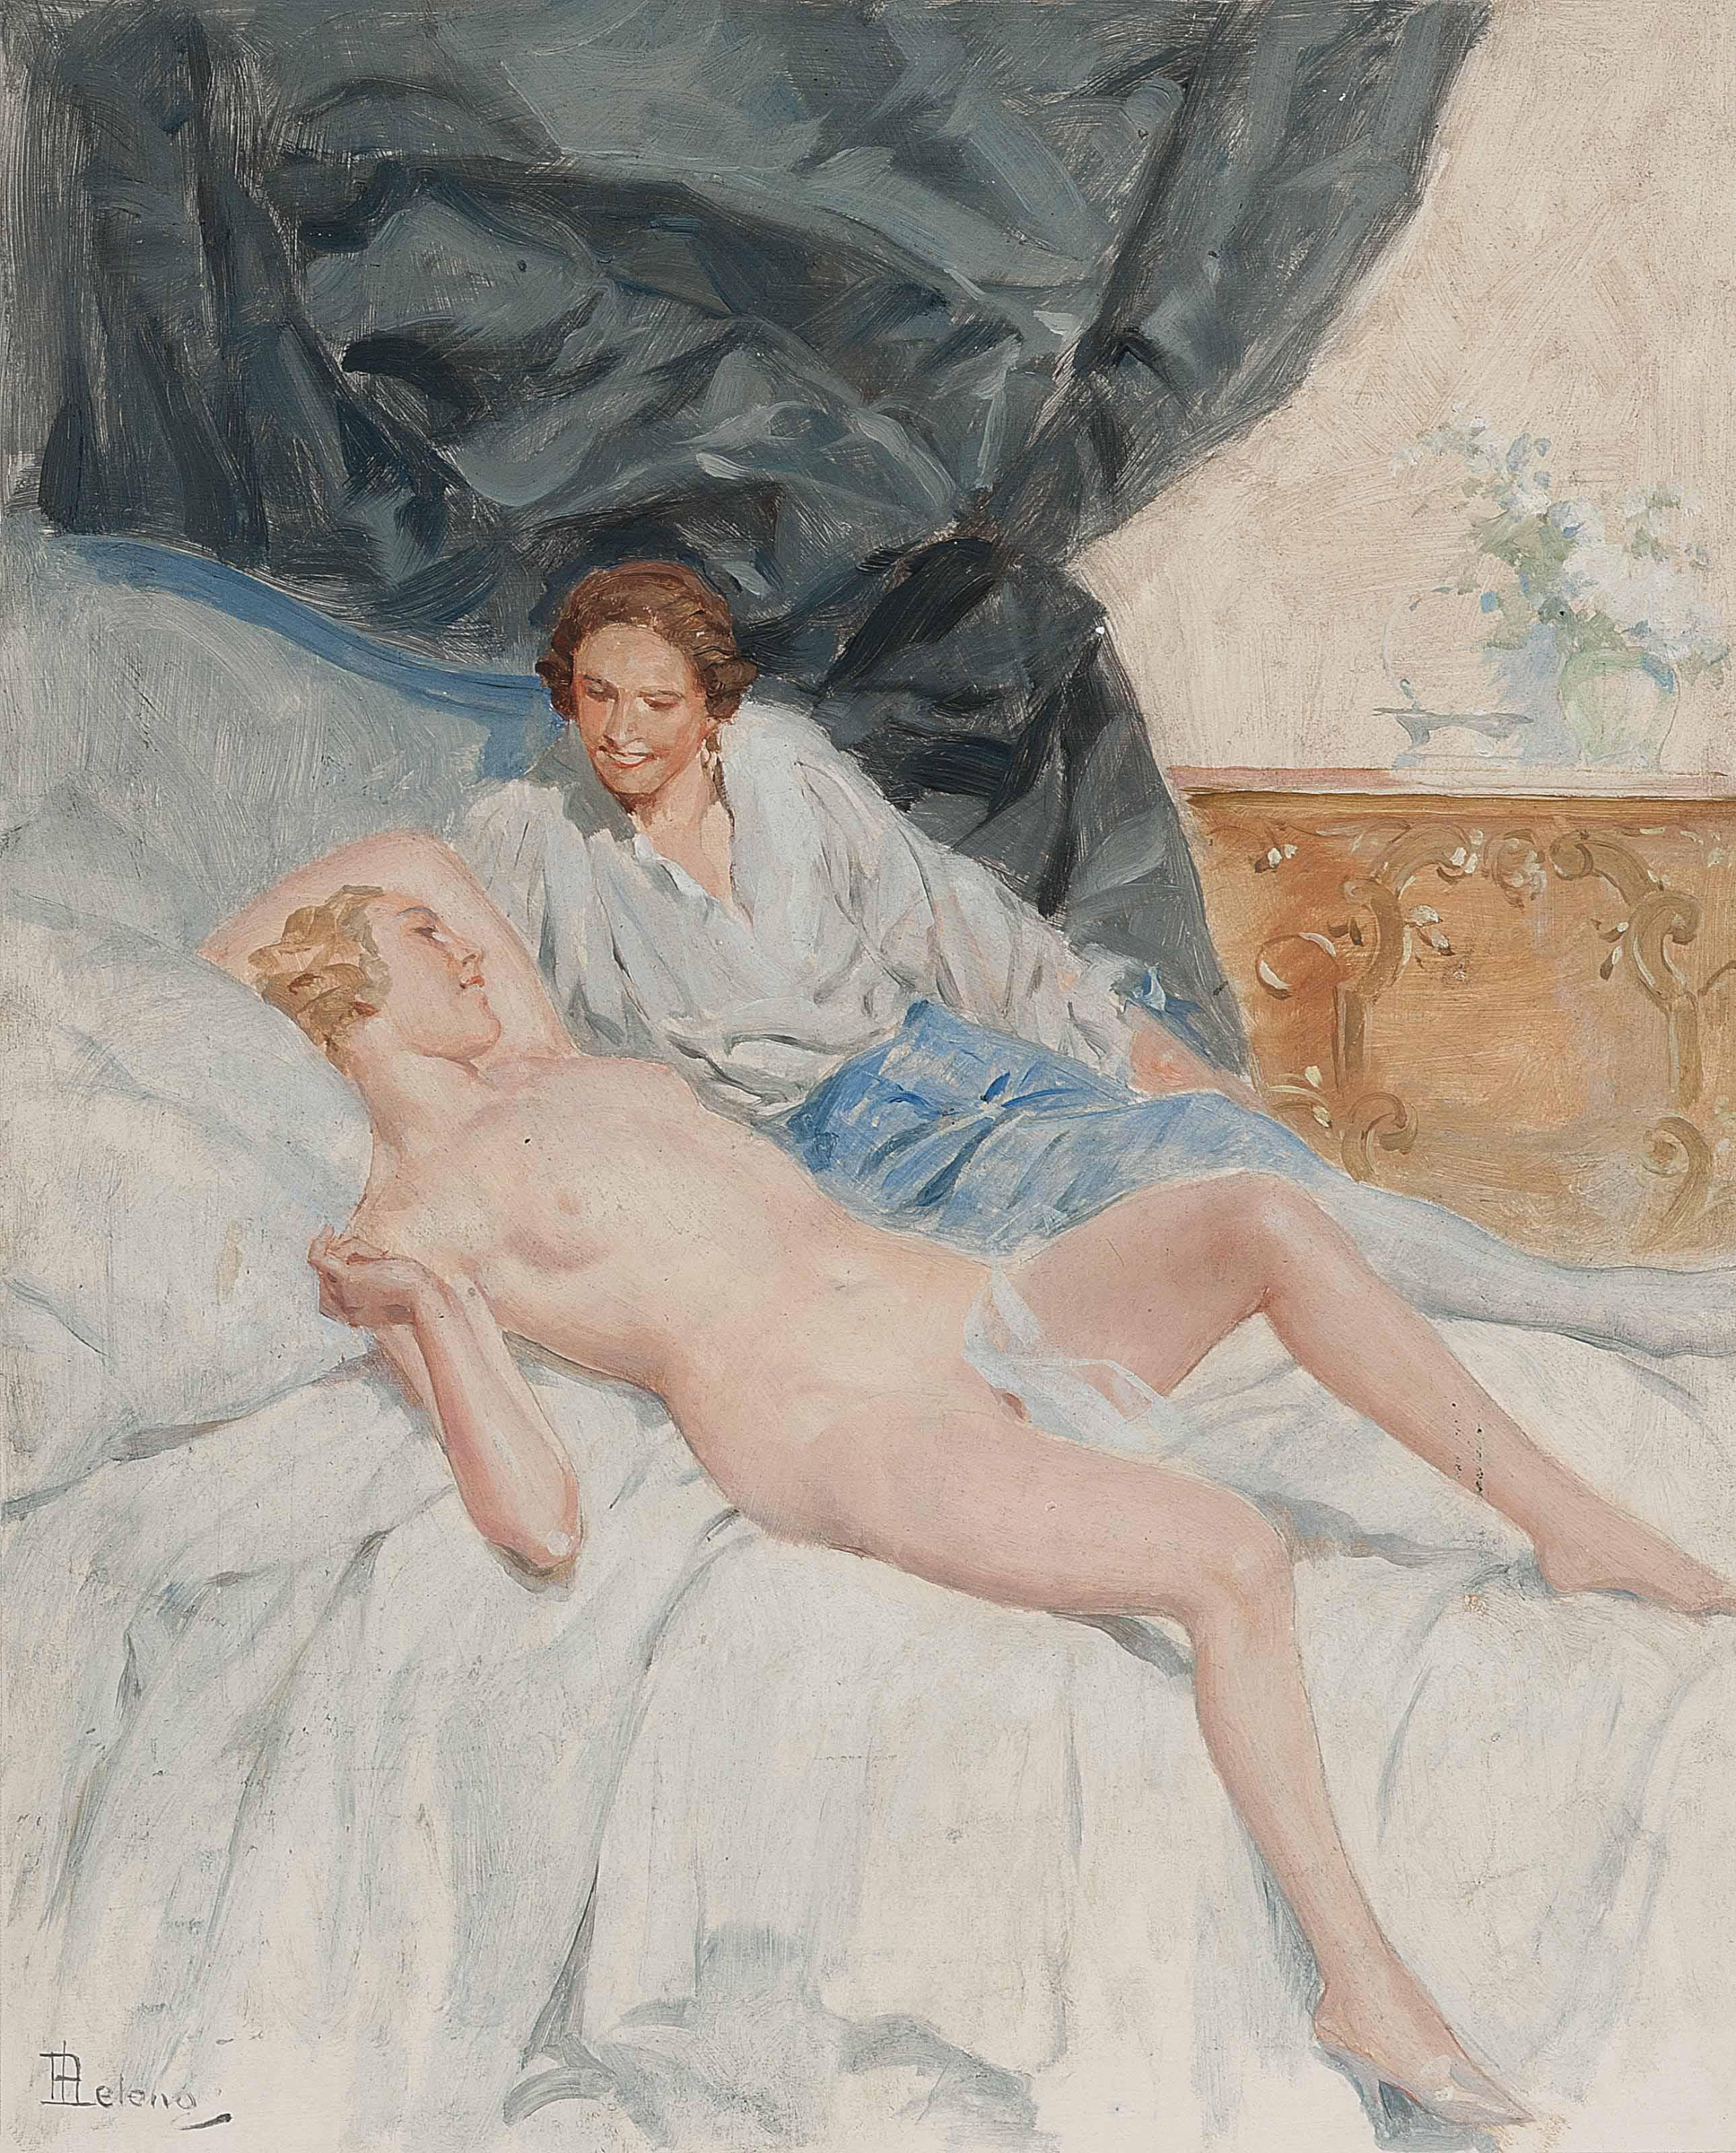 René Lelong (French, 19th/20th